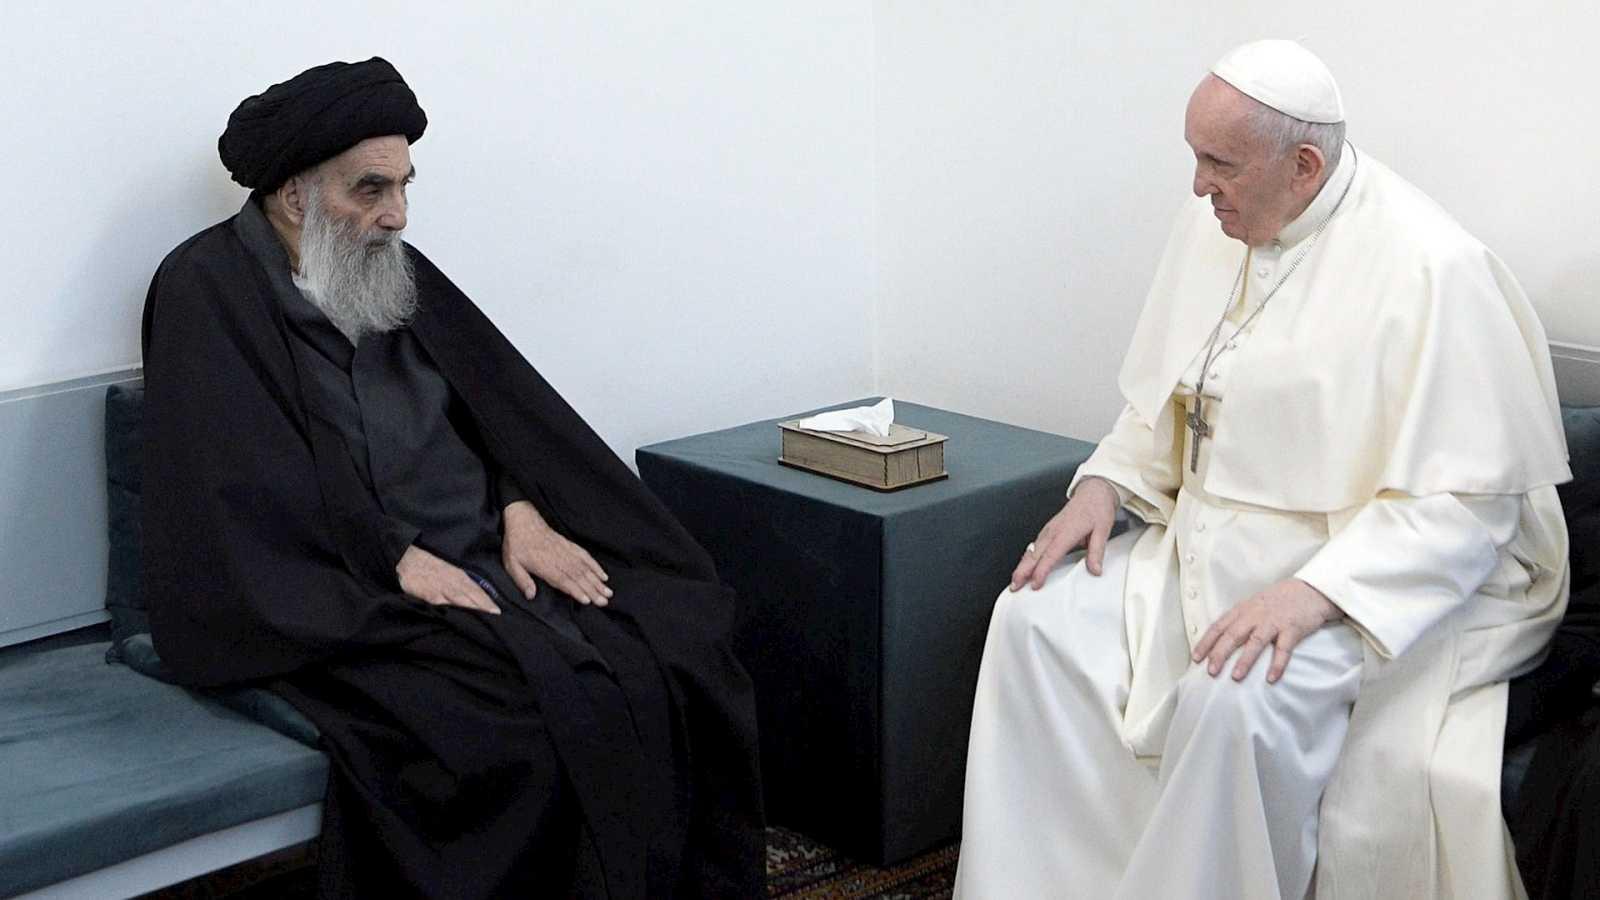 14 horas Fin de Semana - Encuentro histórico entre el Papa Francisco y el principal lider religioso chií Al-Sistani con mensajes de paz y colaboración - Escuchar ahora